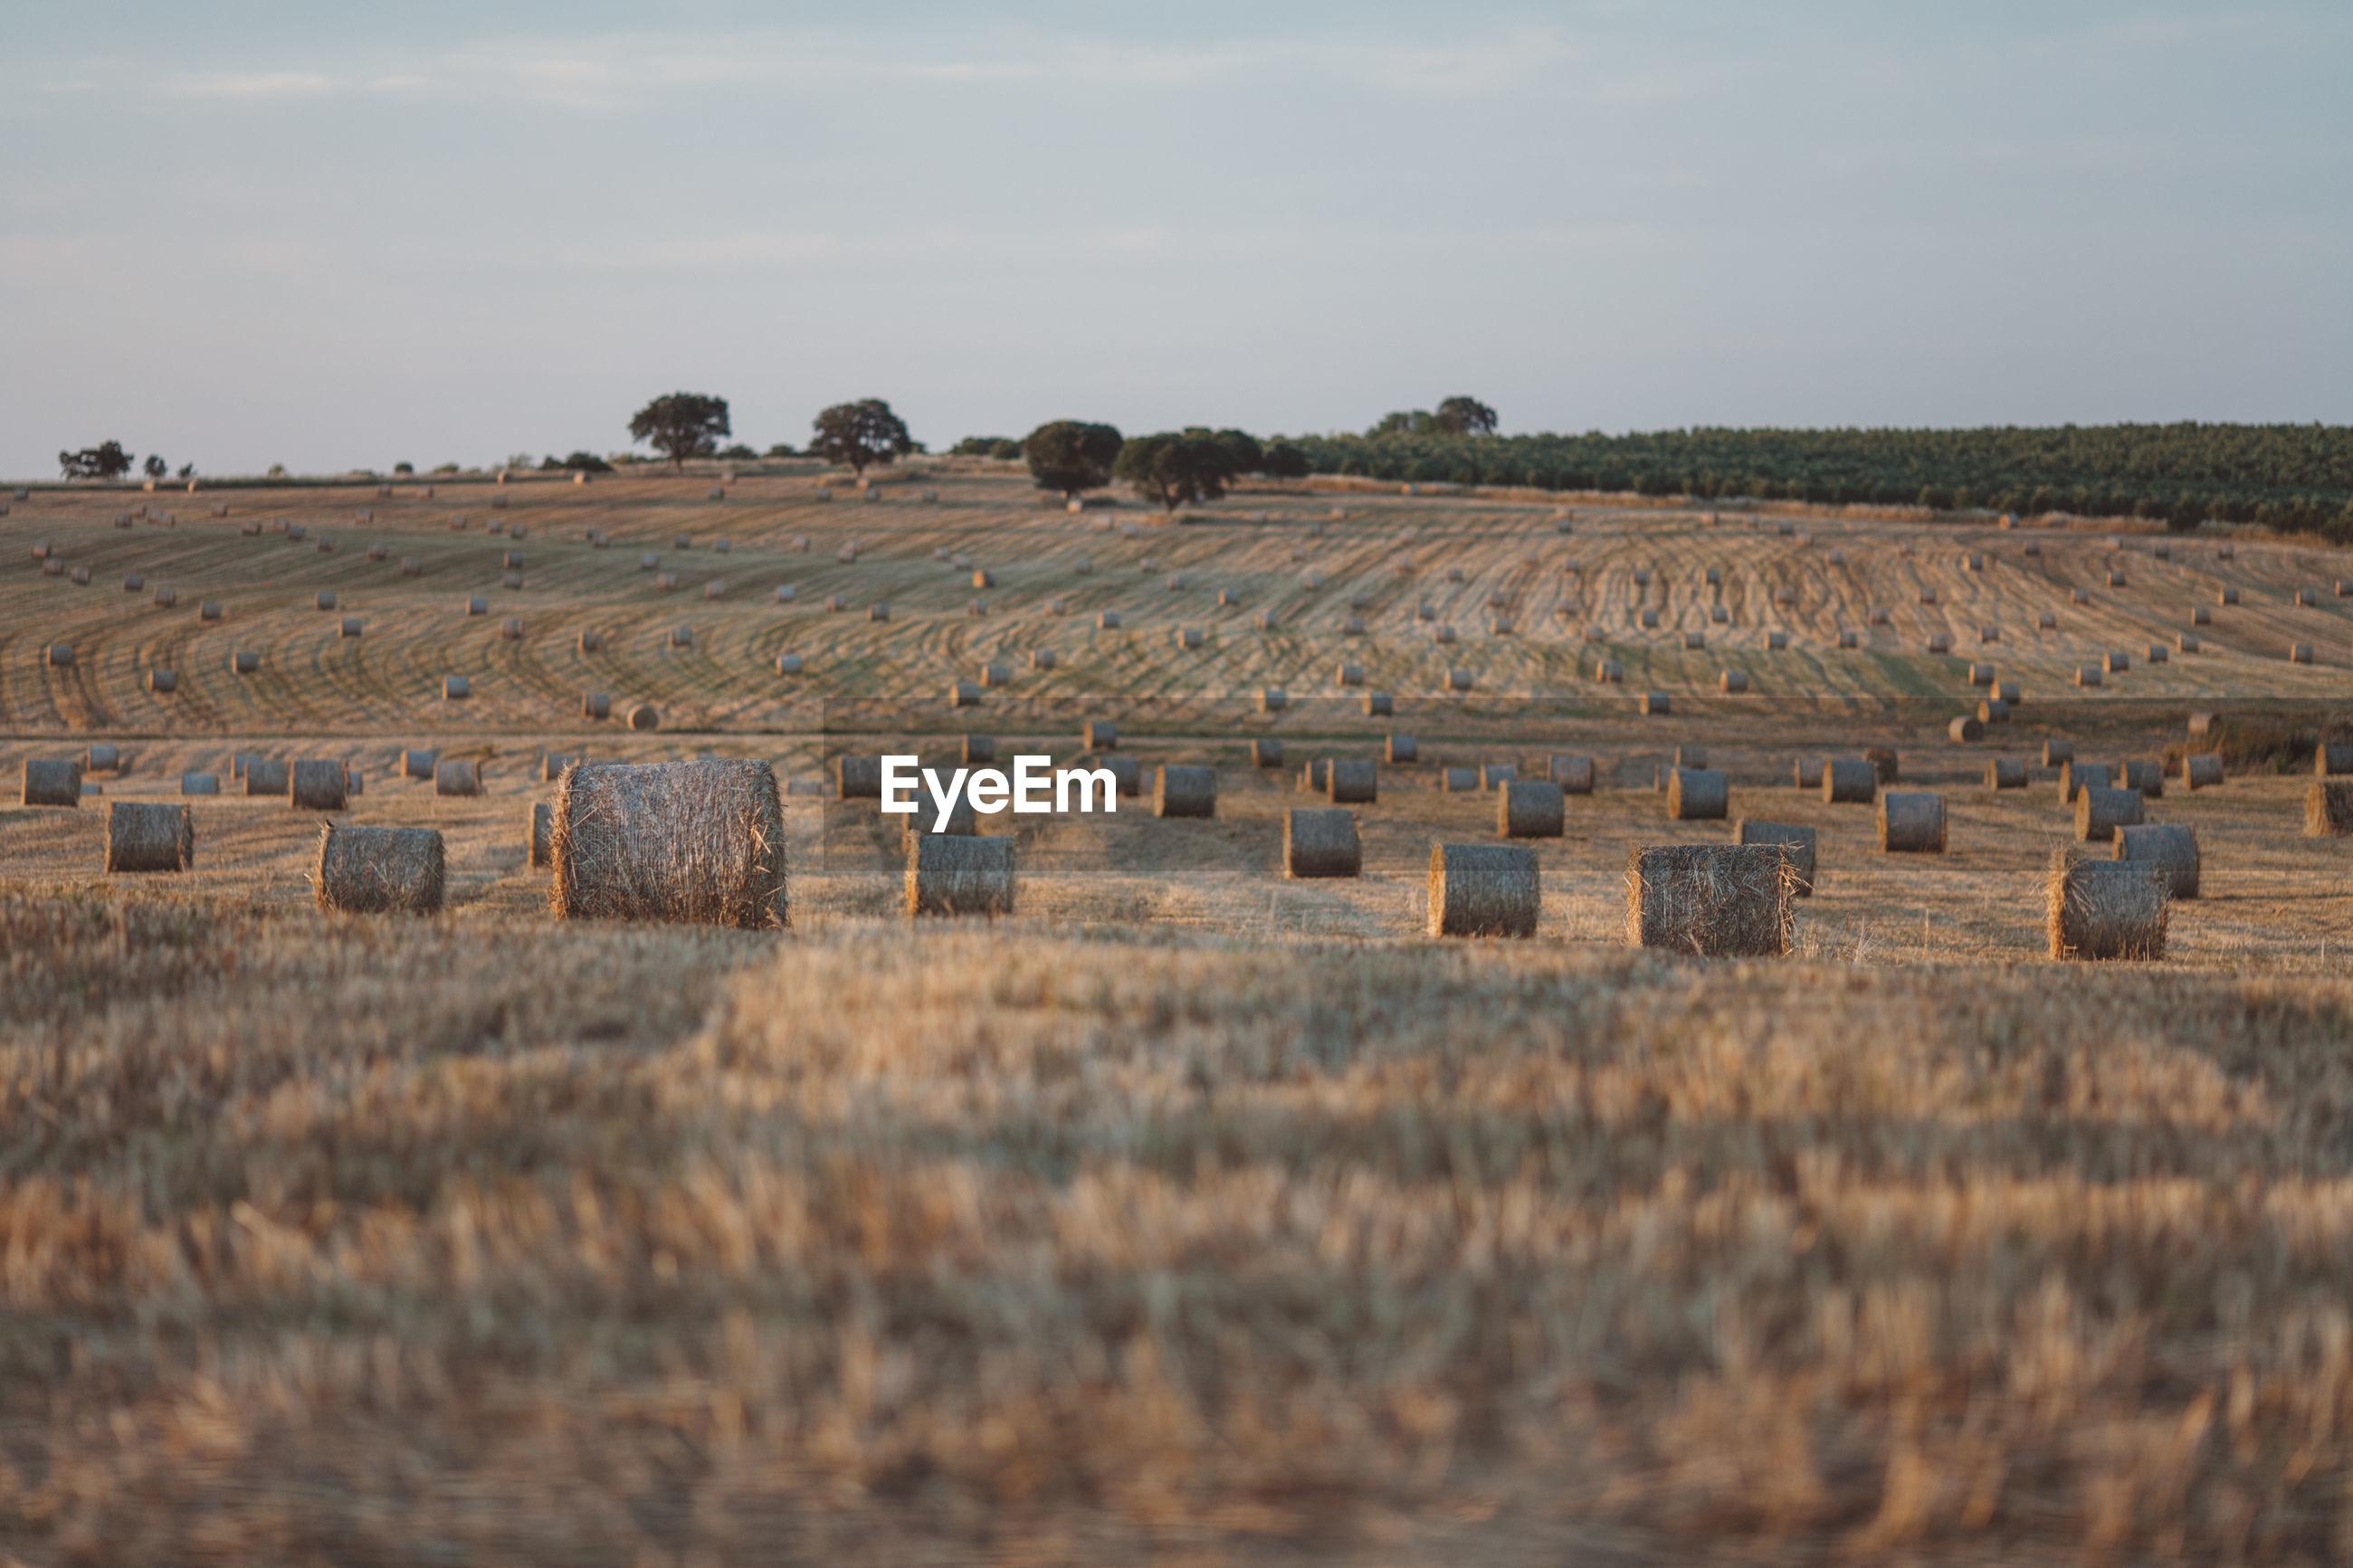 HAY BALES IN FARM AGAINST SKY